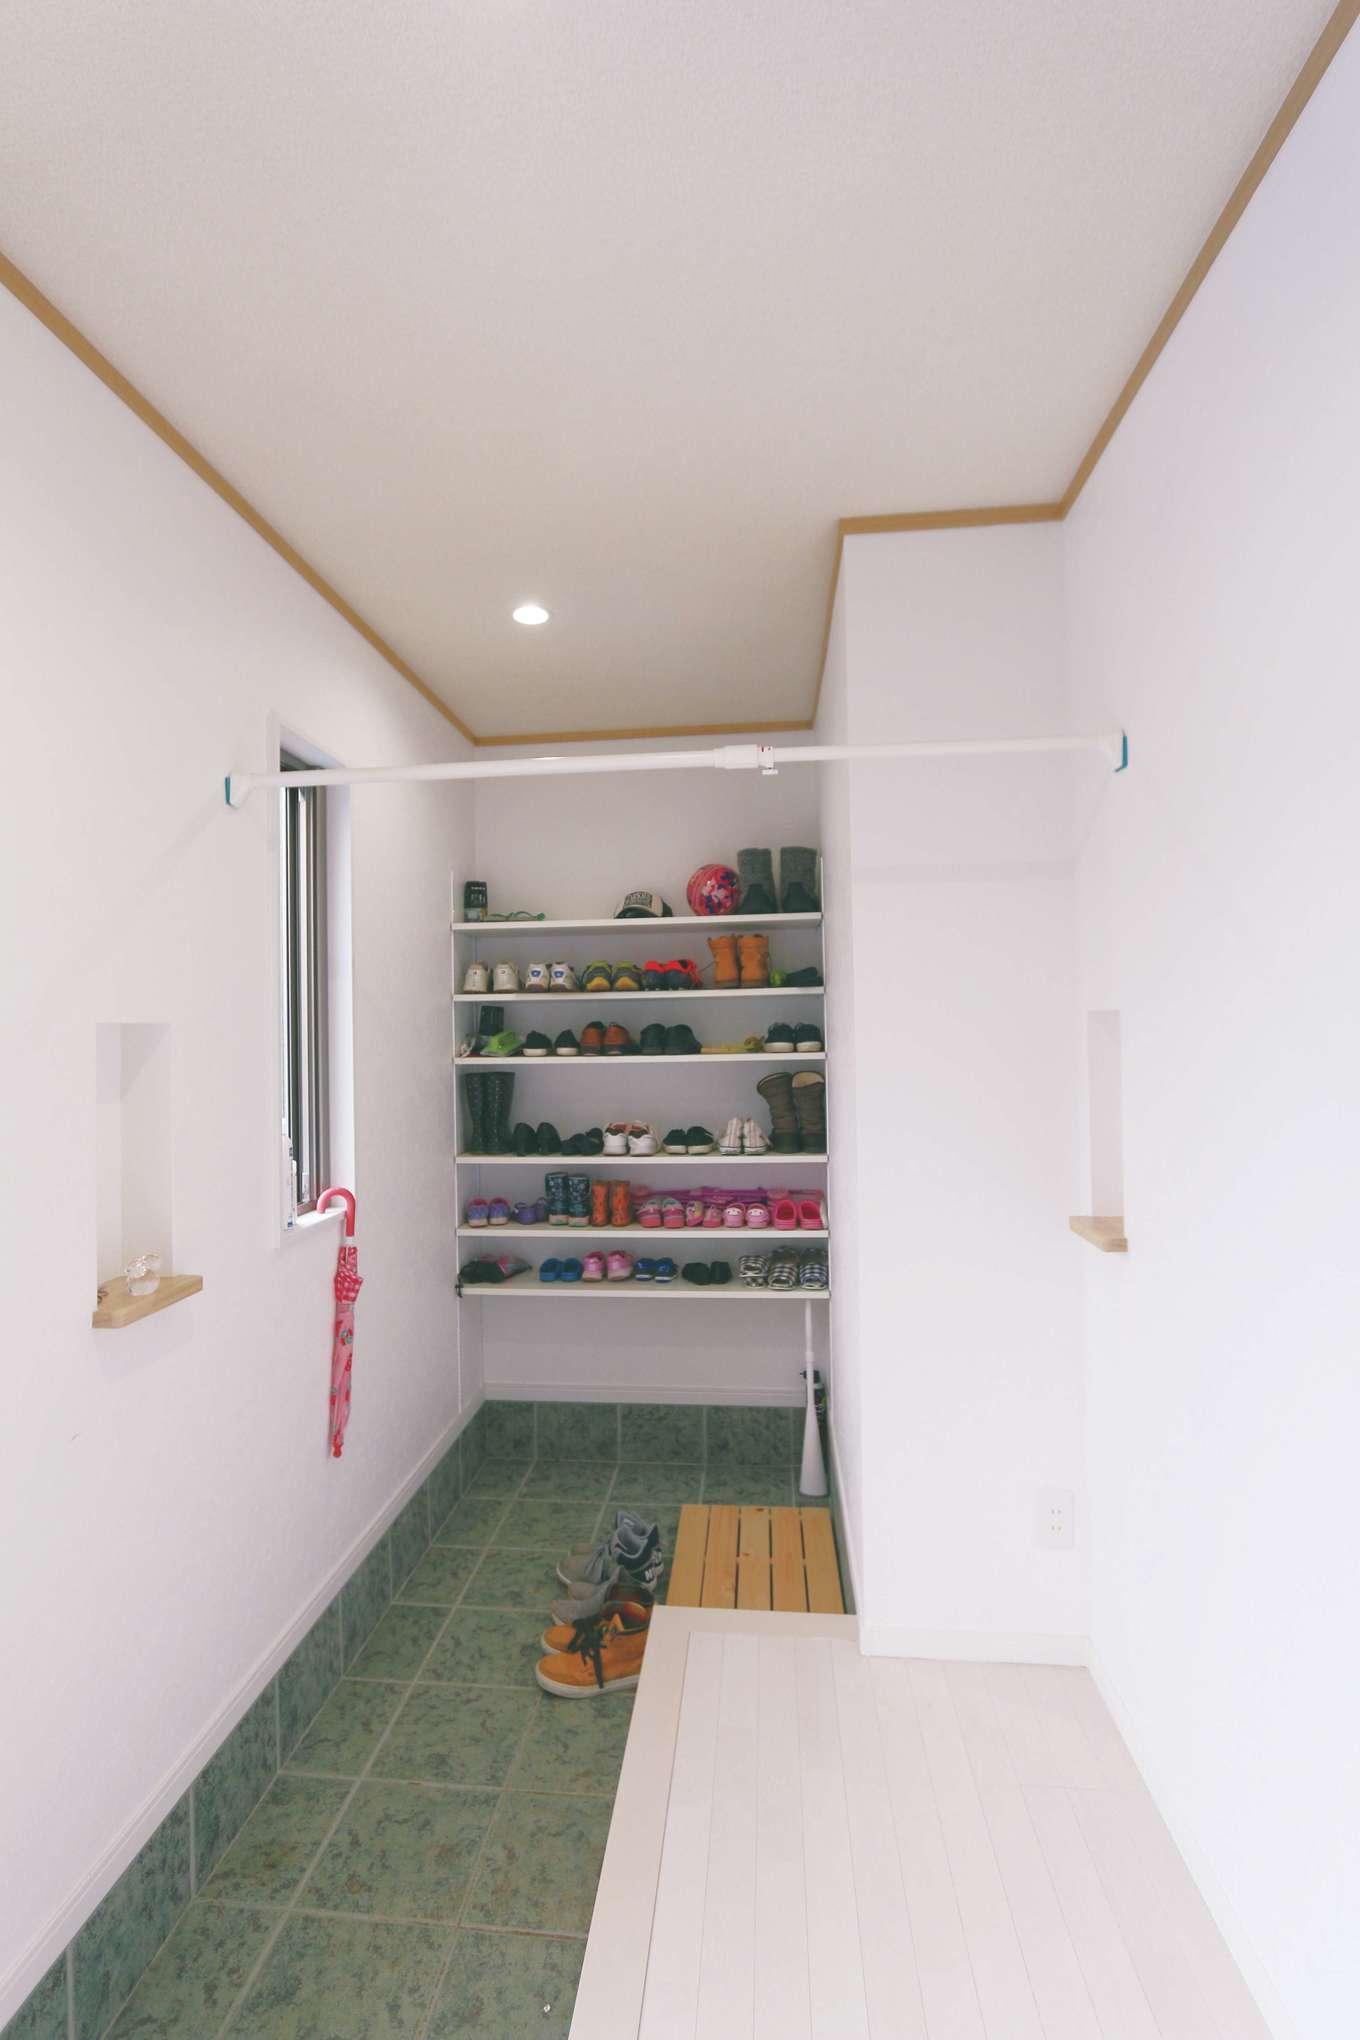 じゆうの家(藤田建設)【1000万円台、子育て、自然素材】玄関には土間収納を設置してスッキリをキープ